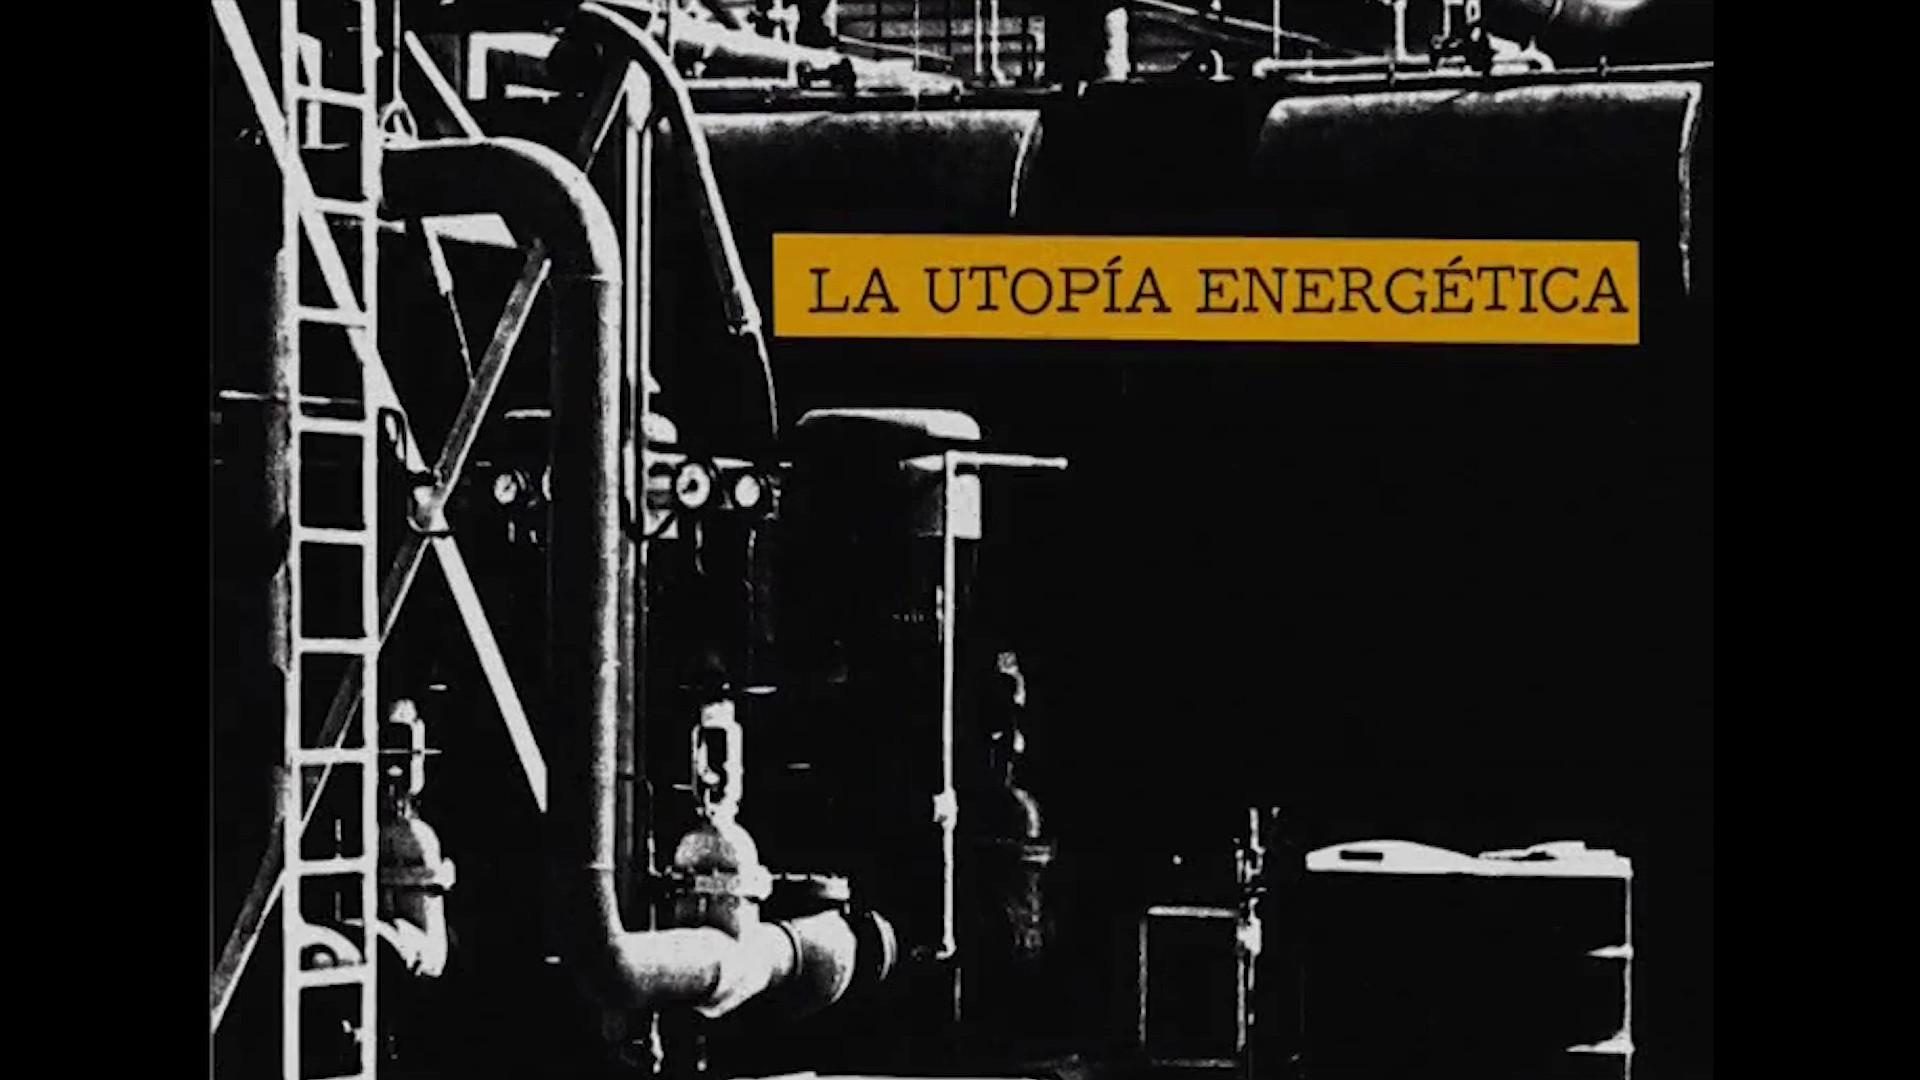 La utopía energética (2009)